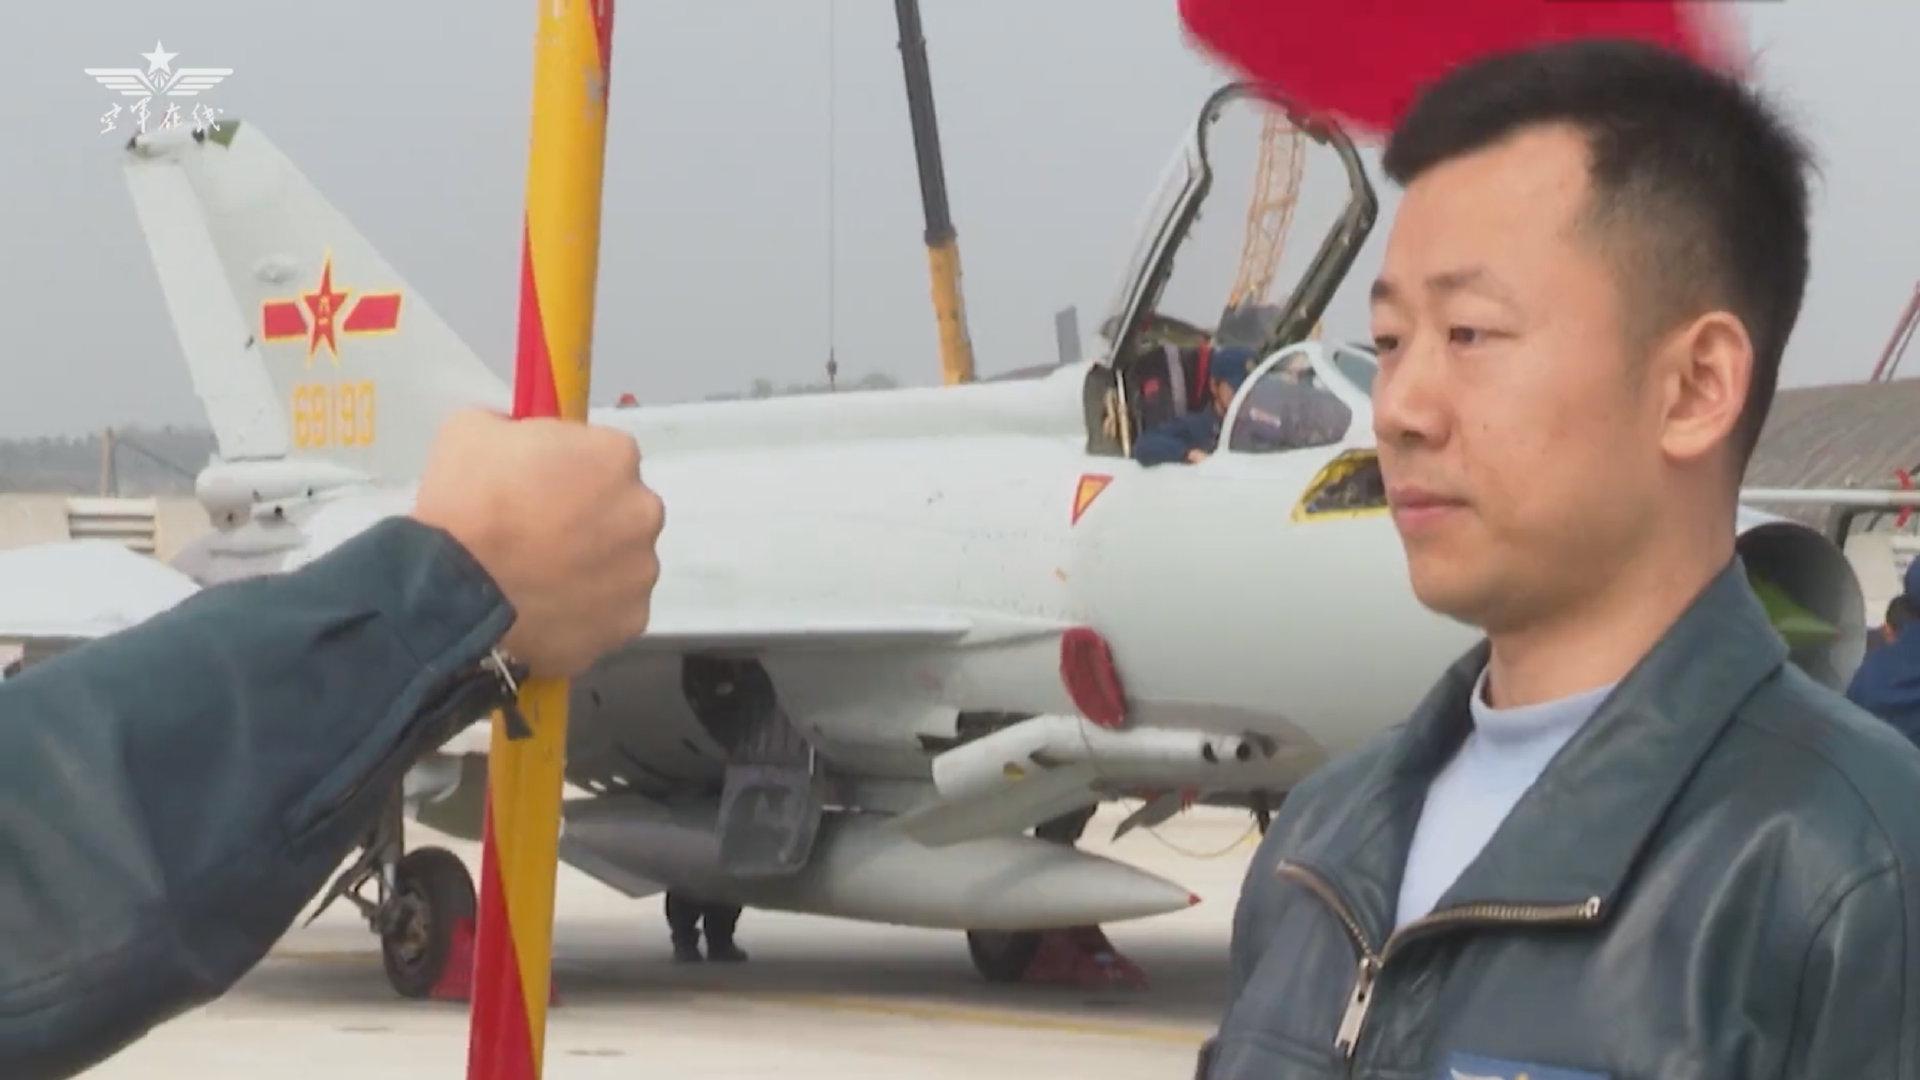 【歼7出击】在志愿军空军战斗起飞地,他们这样重温历史,致敬英雄......